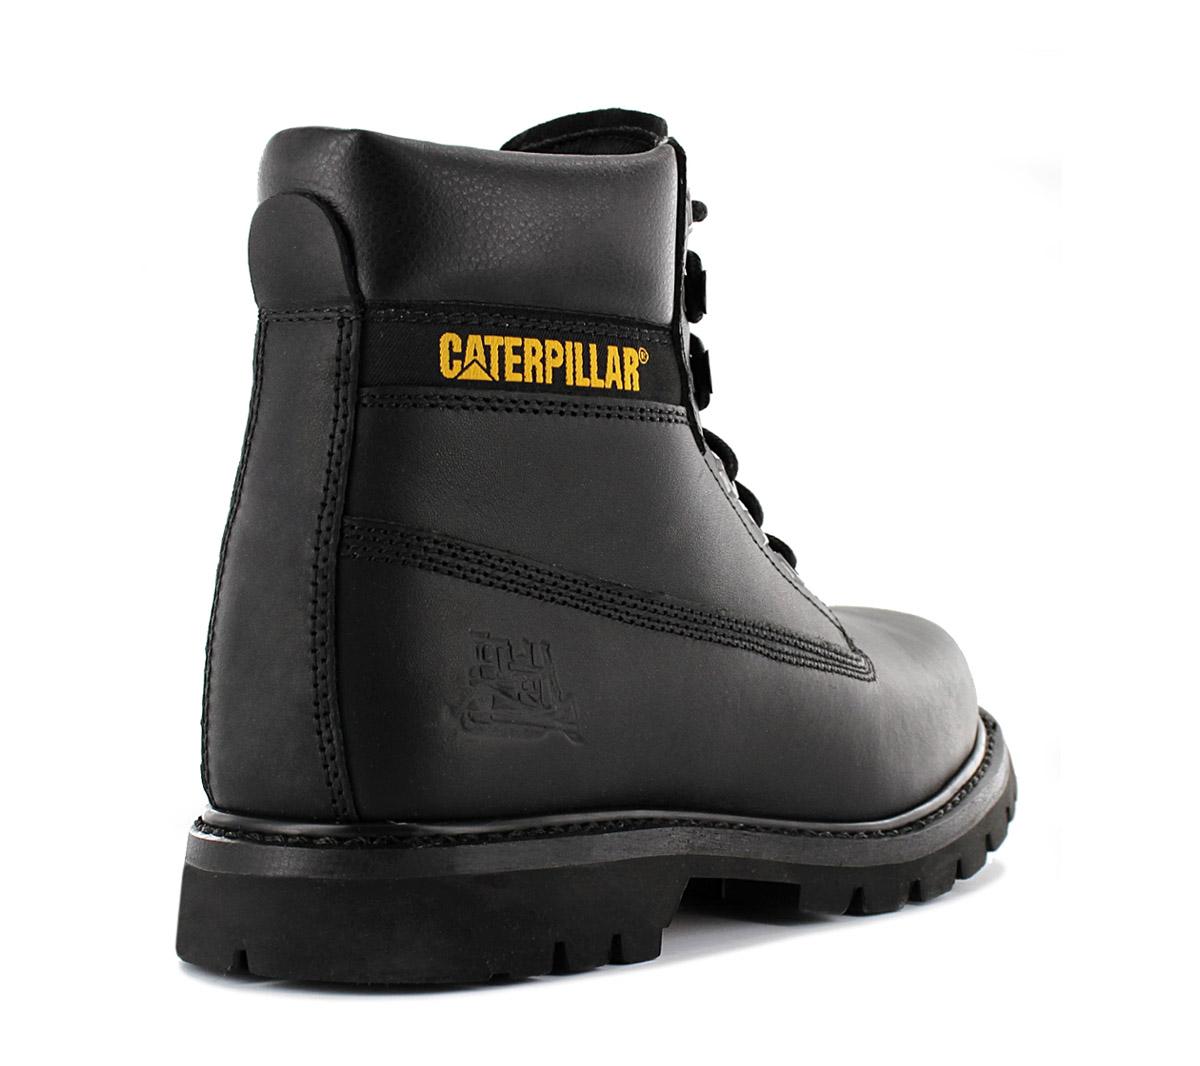 Détails sur CAT Caterpillar Colorado Messieurs boots p710652 Cuir Noir Bottes D'Hiver Chaussure afficher le titre d'origine